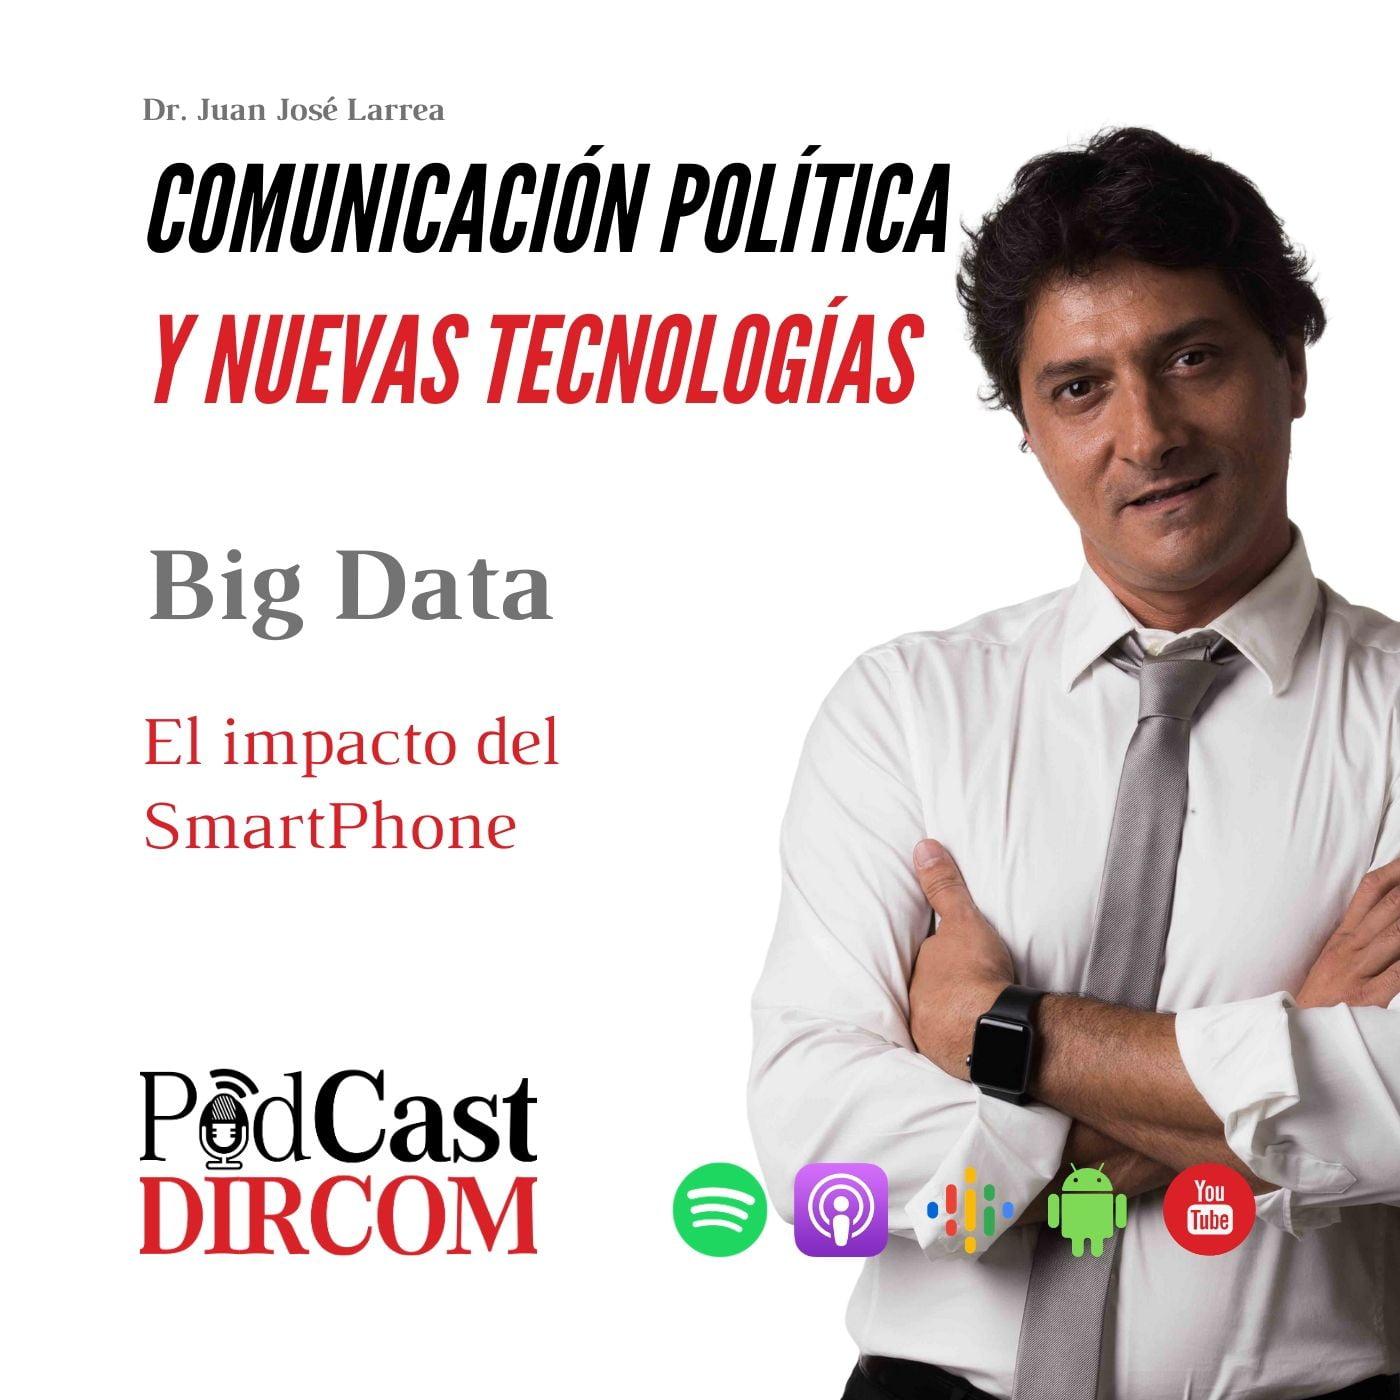 Comunicacion Politica y Nuevas Tecnologias